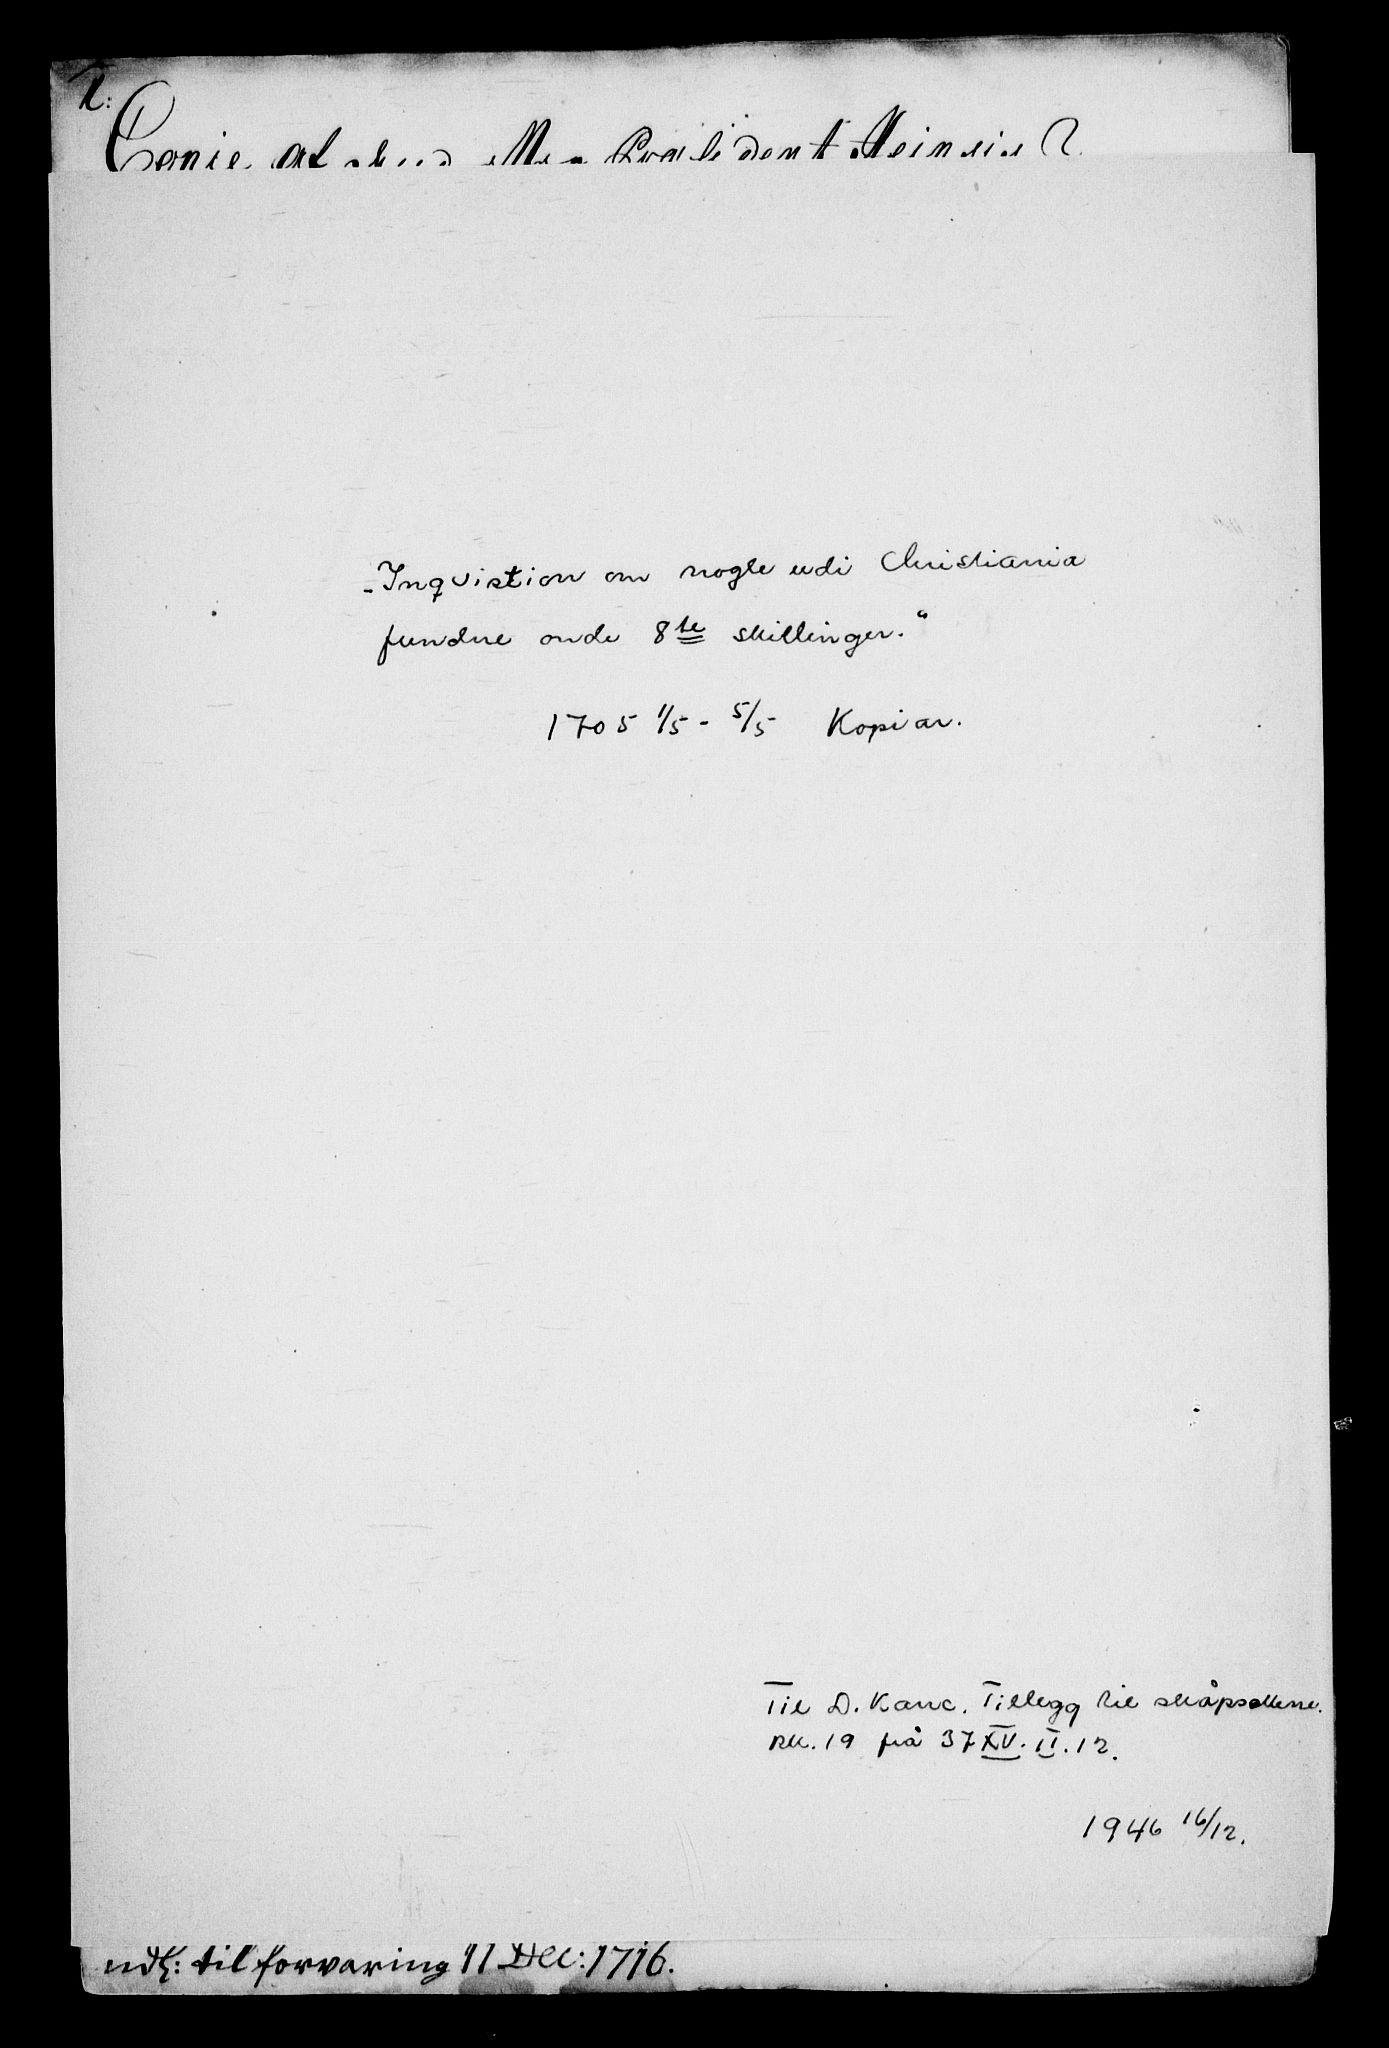 RA, Danske Kanselli, Skapsaker, G/L0019: Tillegg til skapsakene, 1616-1753, s. 330